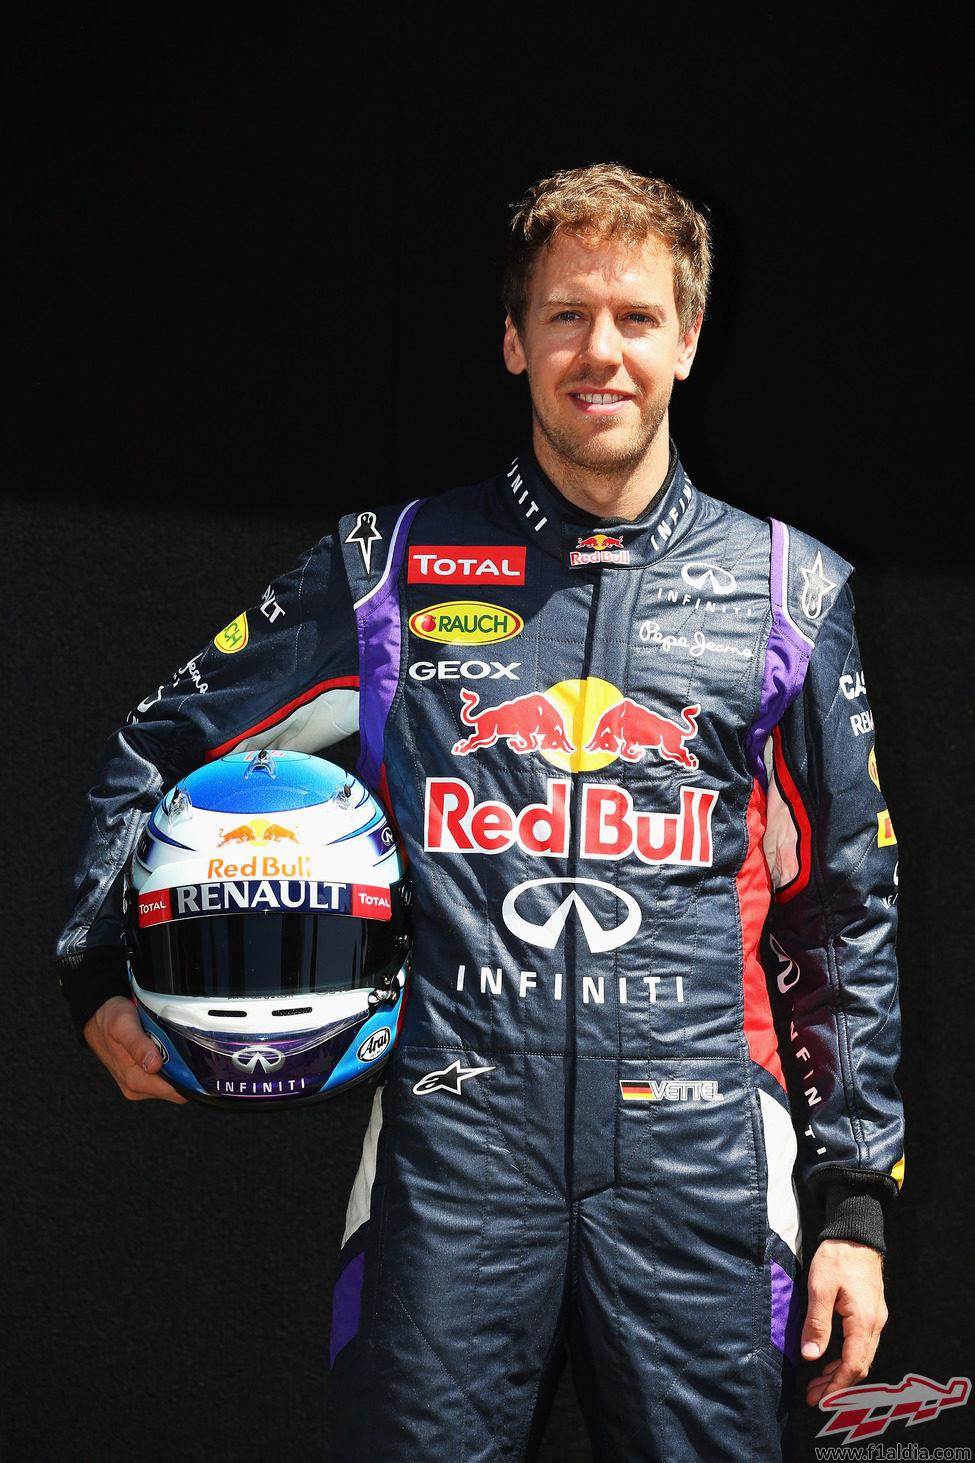 Piloto Red Bull 2014 Piloto de Red Bull en 2014